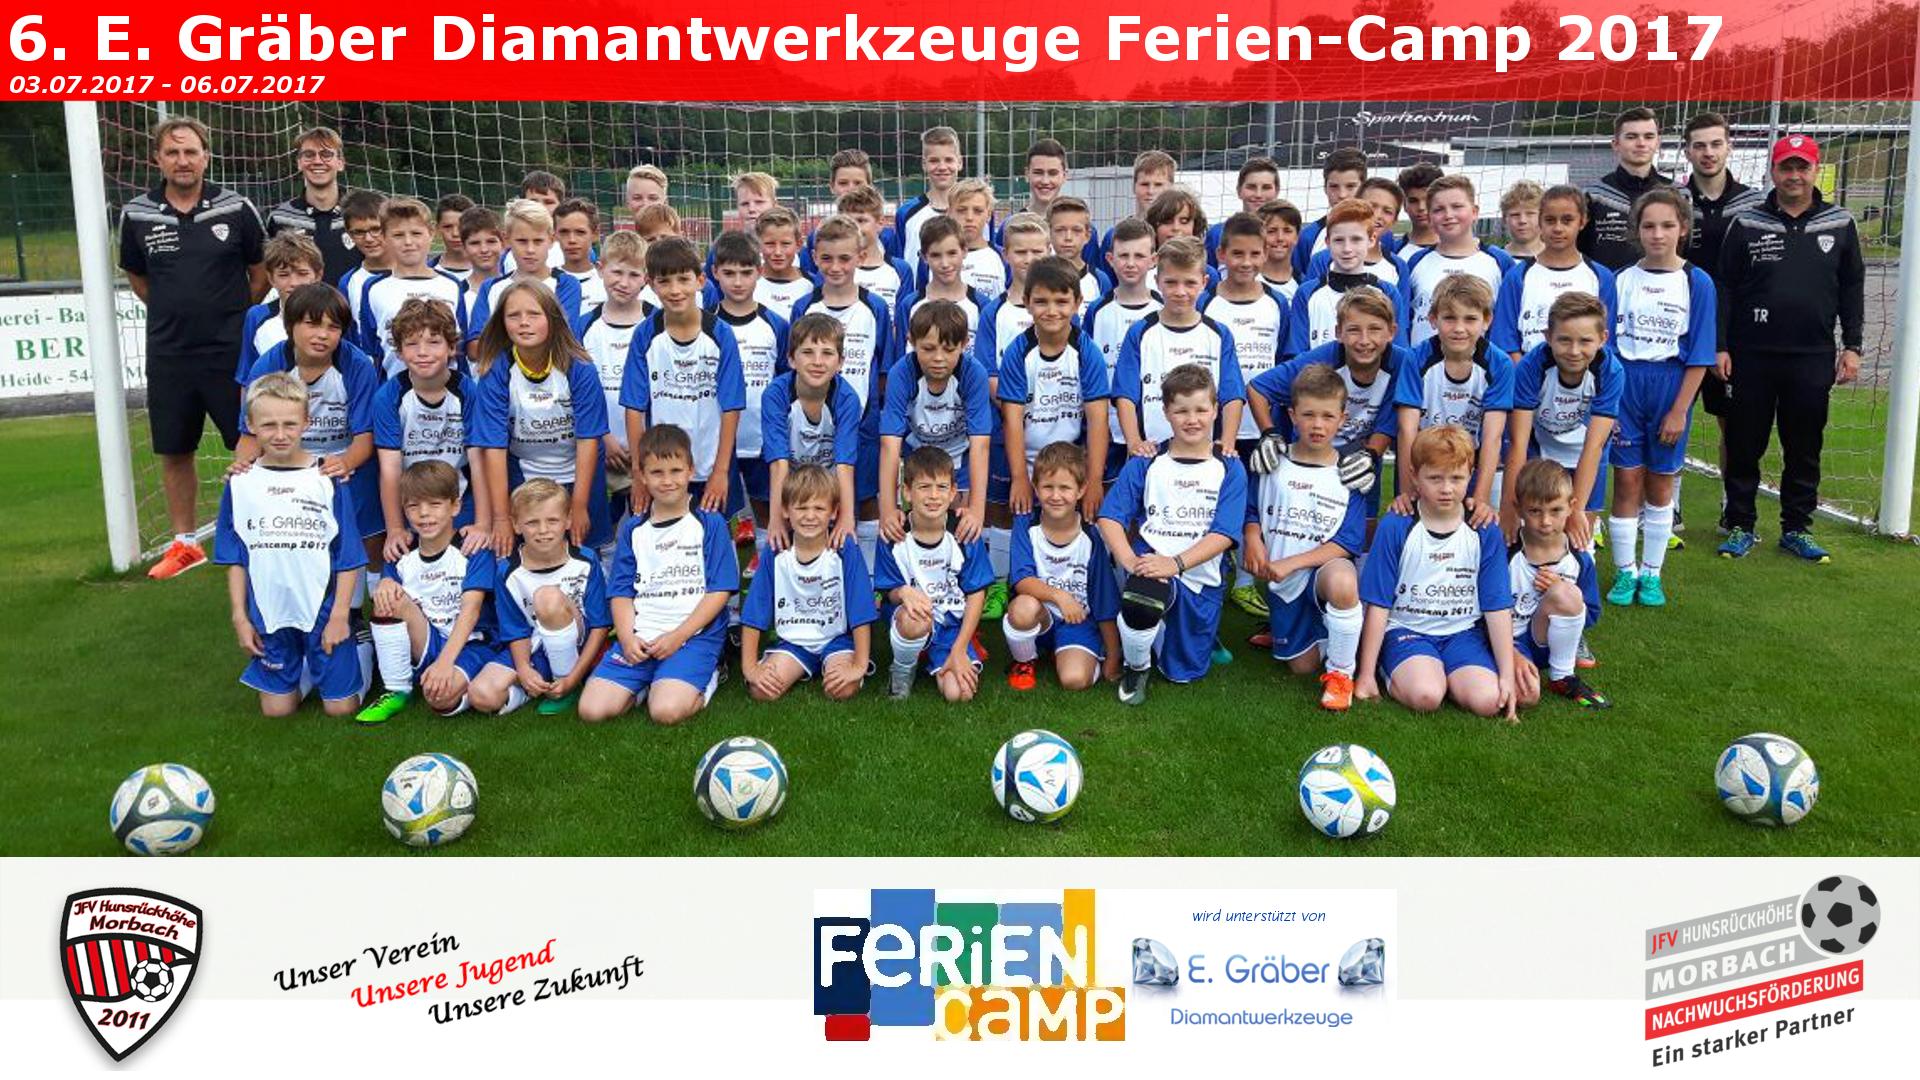 6. E. GRÄBER DIAMANTWERKZEUGE FERIEN-CAMP 2017